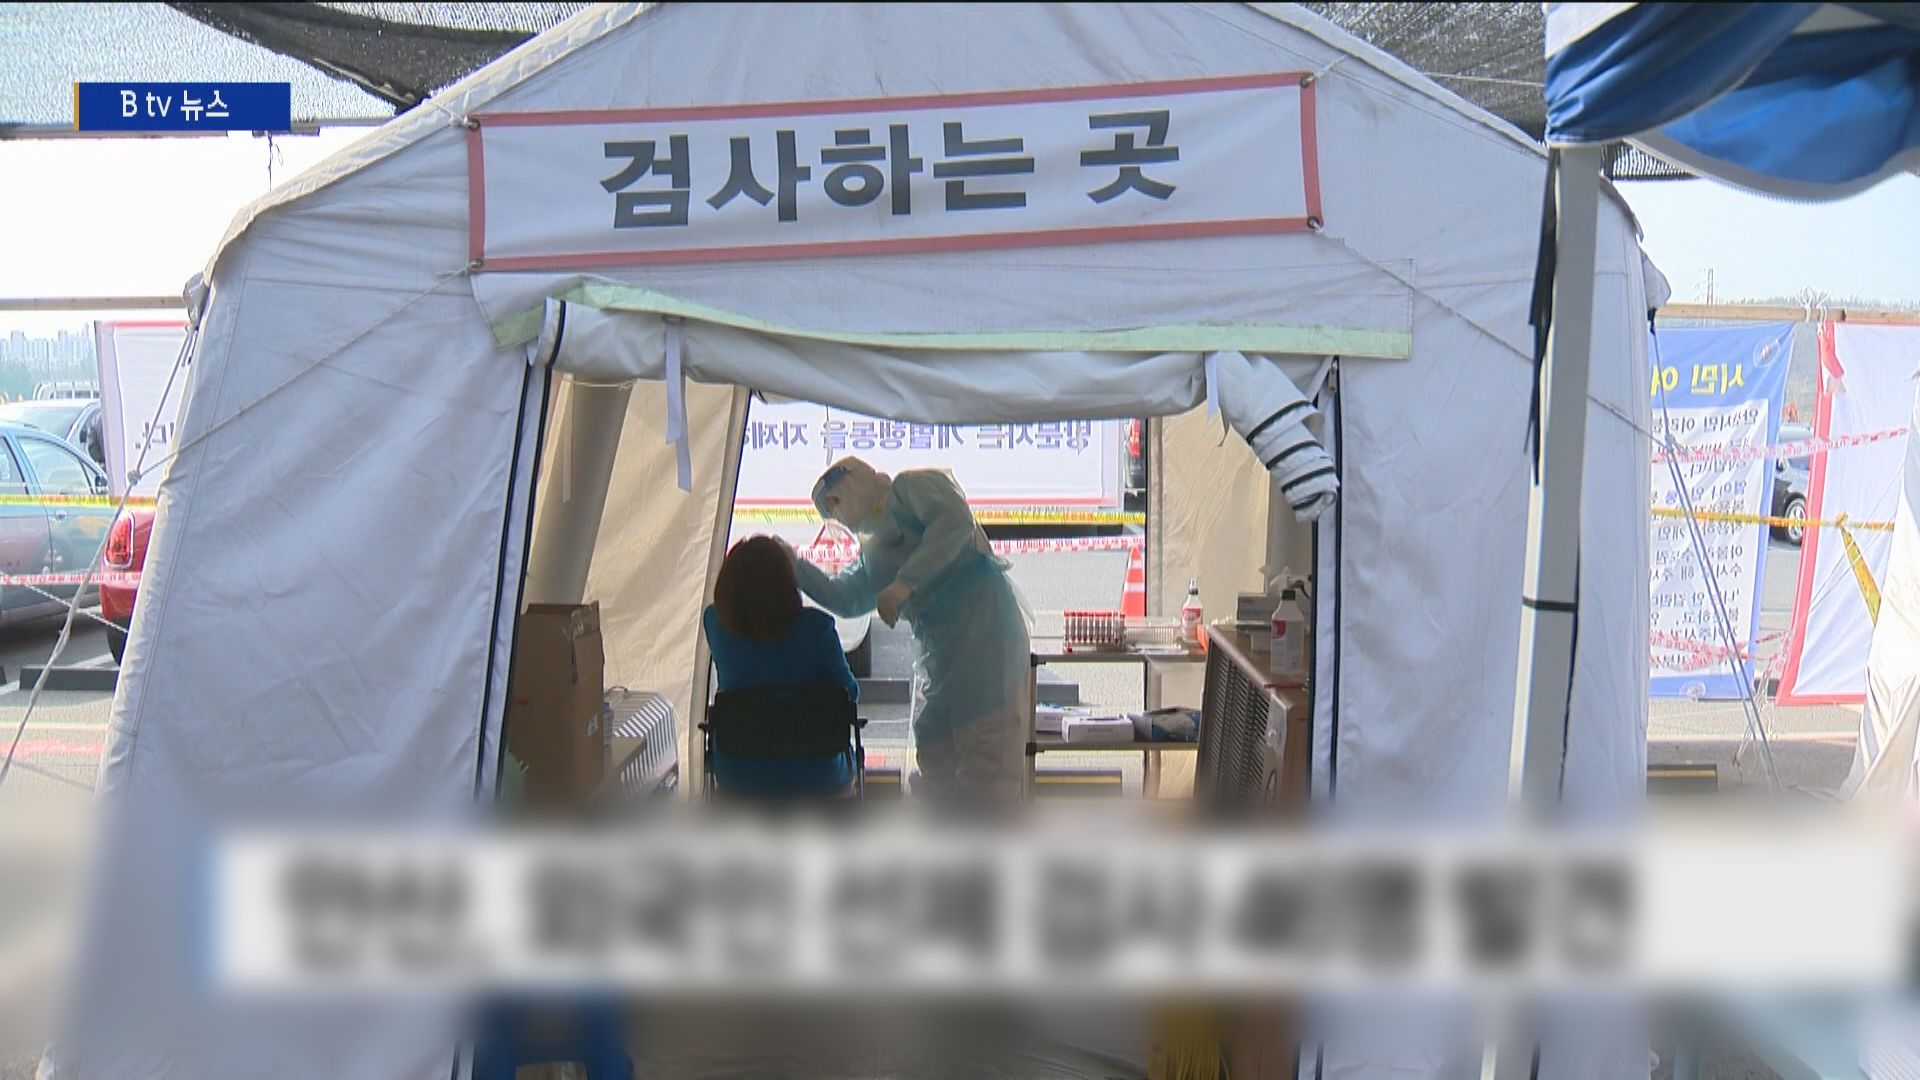 【環球薈報】南韓非法居留人士可獲接種新冠疫苗